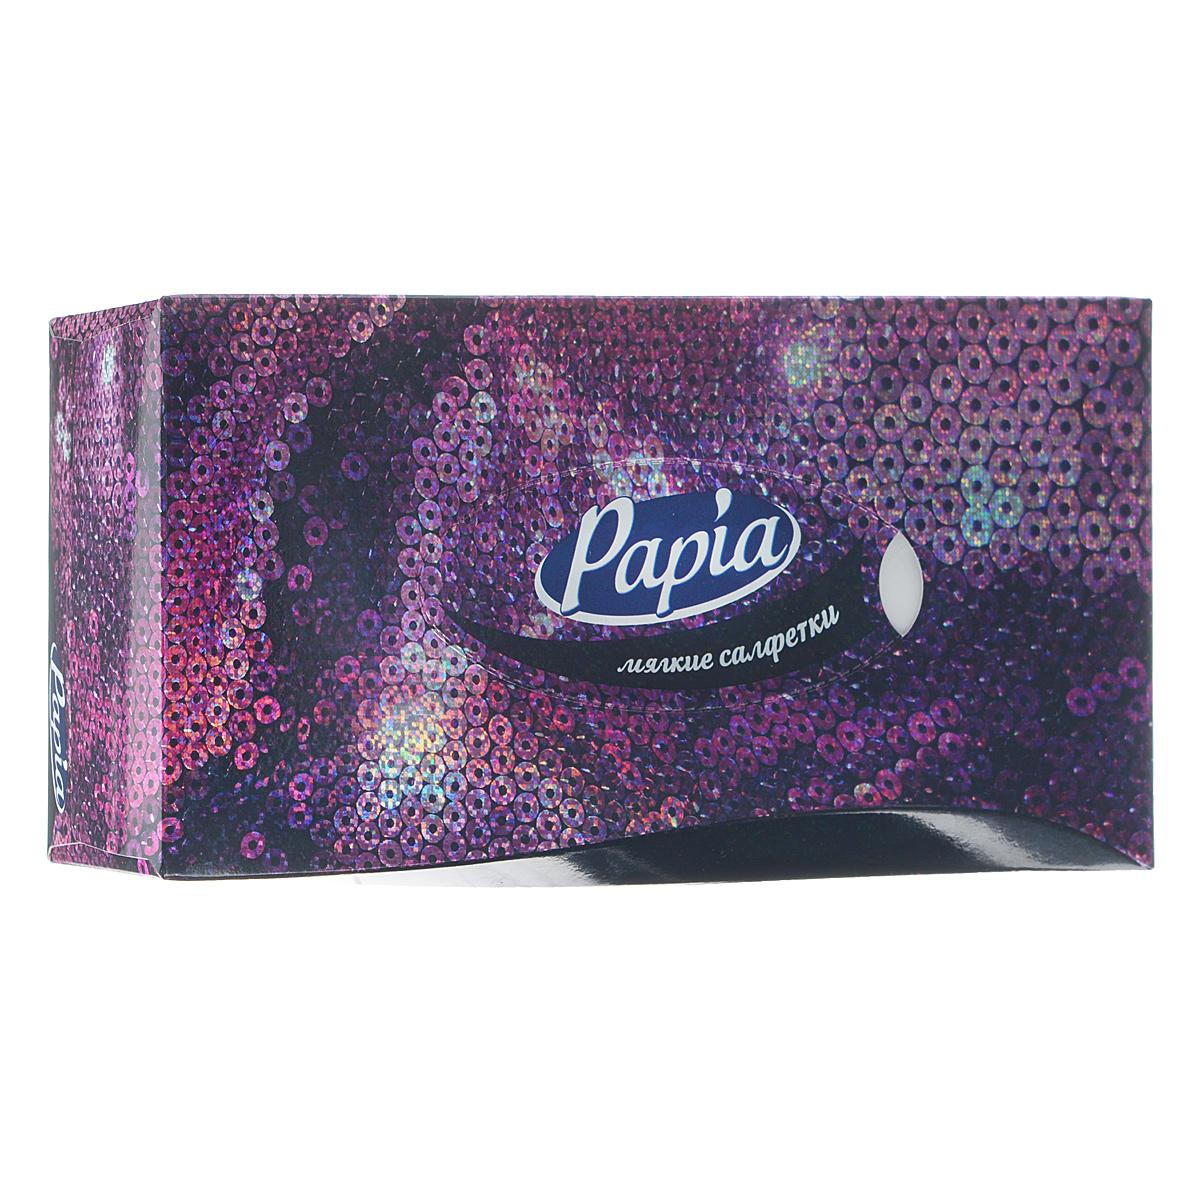 Салфетки бумажные Papia, трехслойные, цвет: фиолетовый, 21 x 21 см, 80 штIRK-503Трехслойные салфетки Papia выполнены из 100% целлюлозы. Салфетки подходят для косметического, санитарно-гигиенического и хозяйственного назначения. Нежные и мягкие, они удивят вас не только своим высоким качеством, но и внешним видом. Изделия упакованы в коробку, поэтому их удобно использовать дома или взять с собой в офис или машину. Размер салфеток: 21 х 21 см.